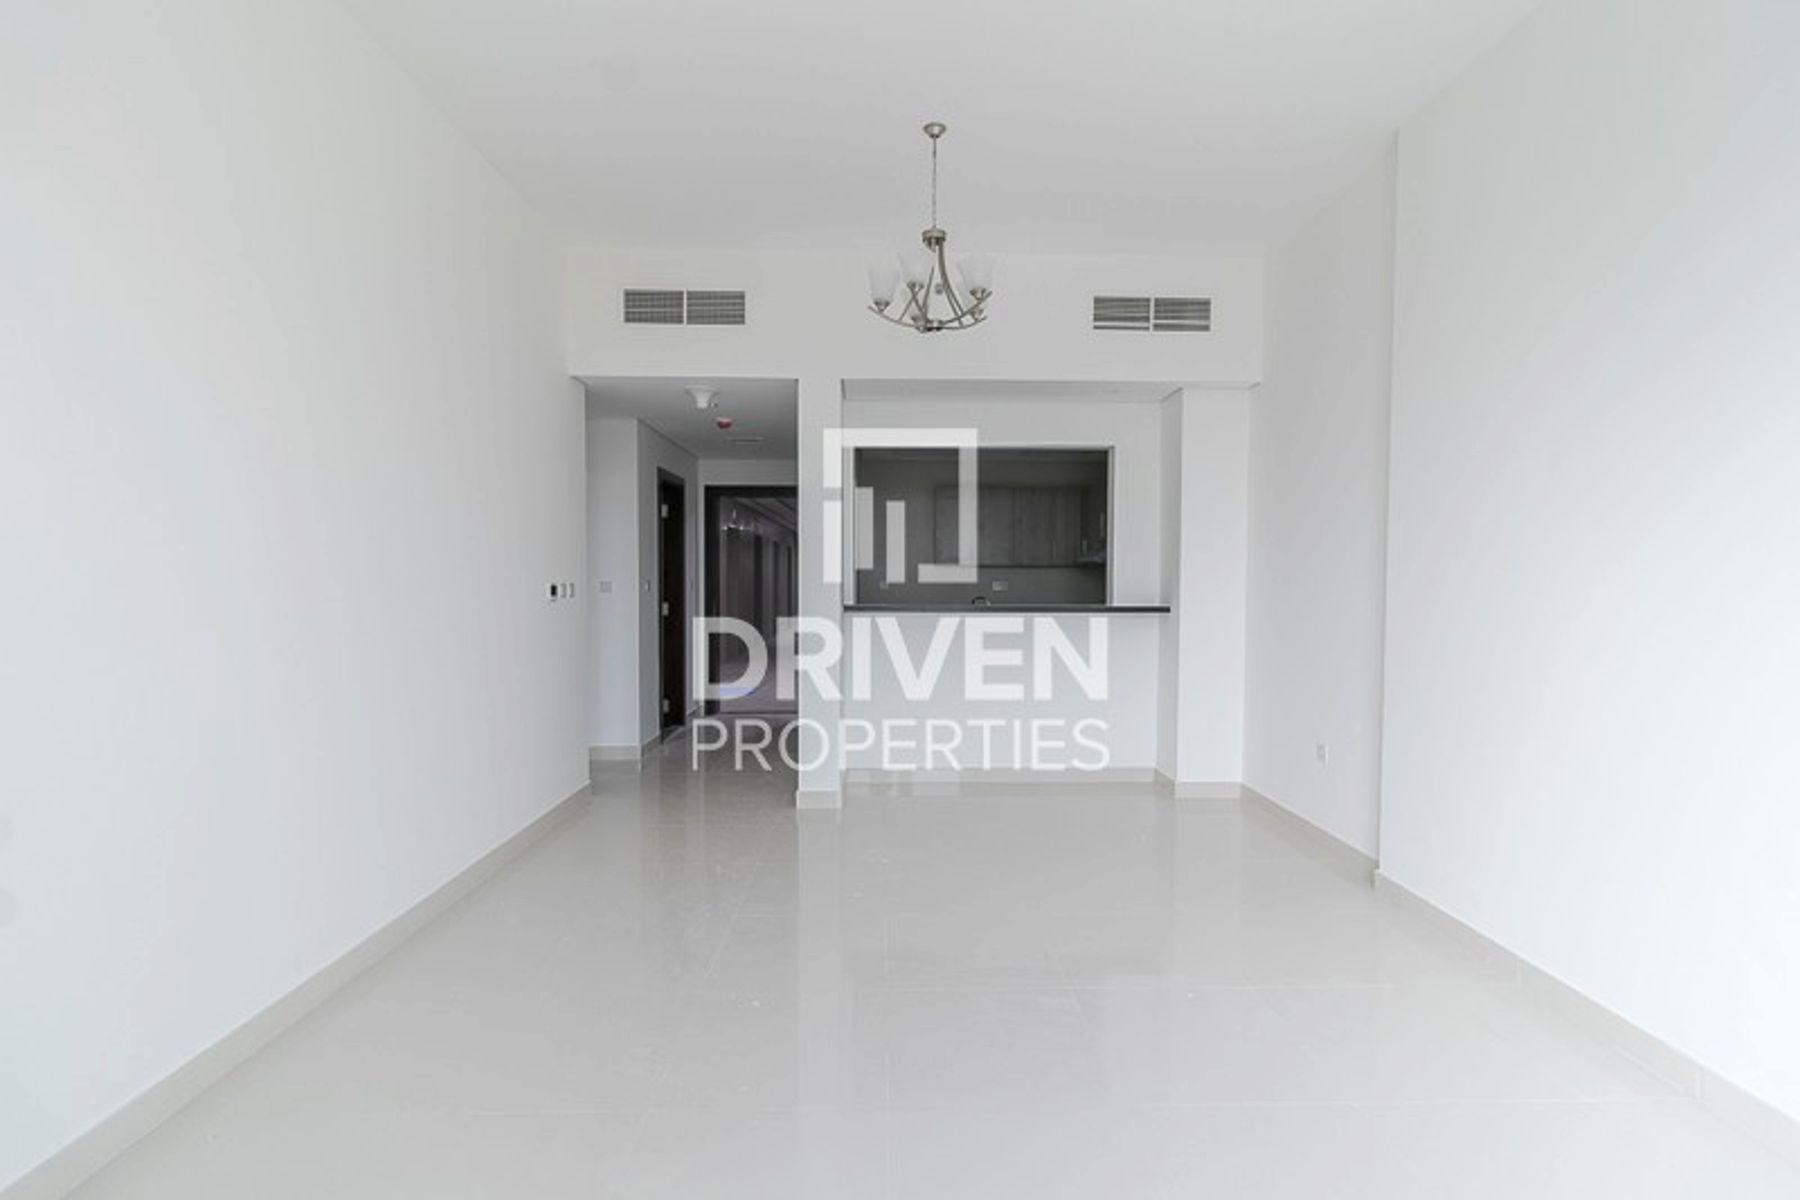 655 قدم مربع  شقة - للايجار - الجداف